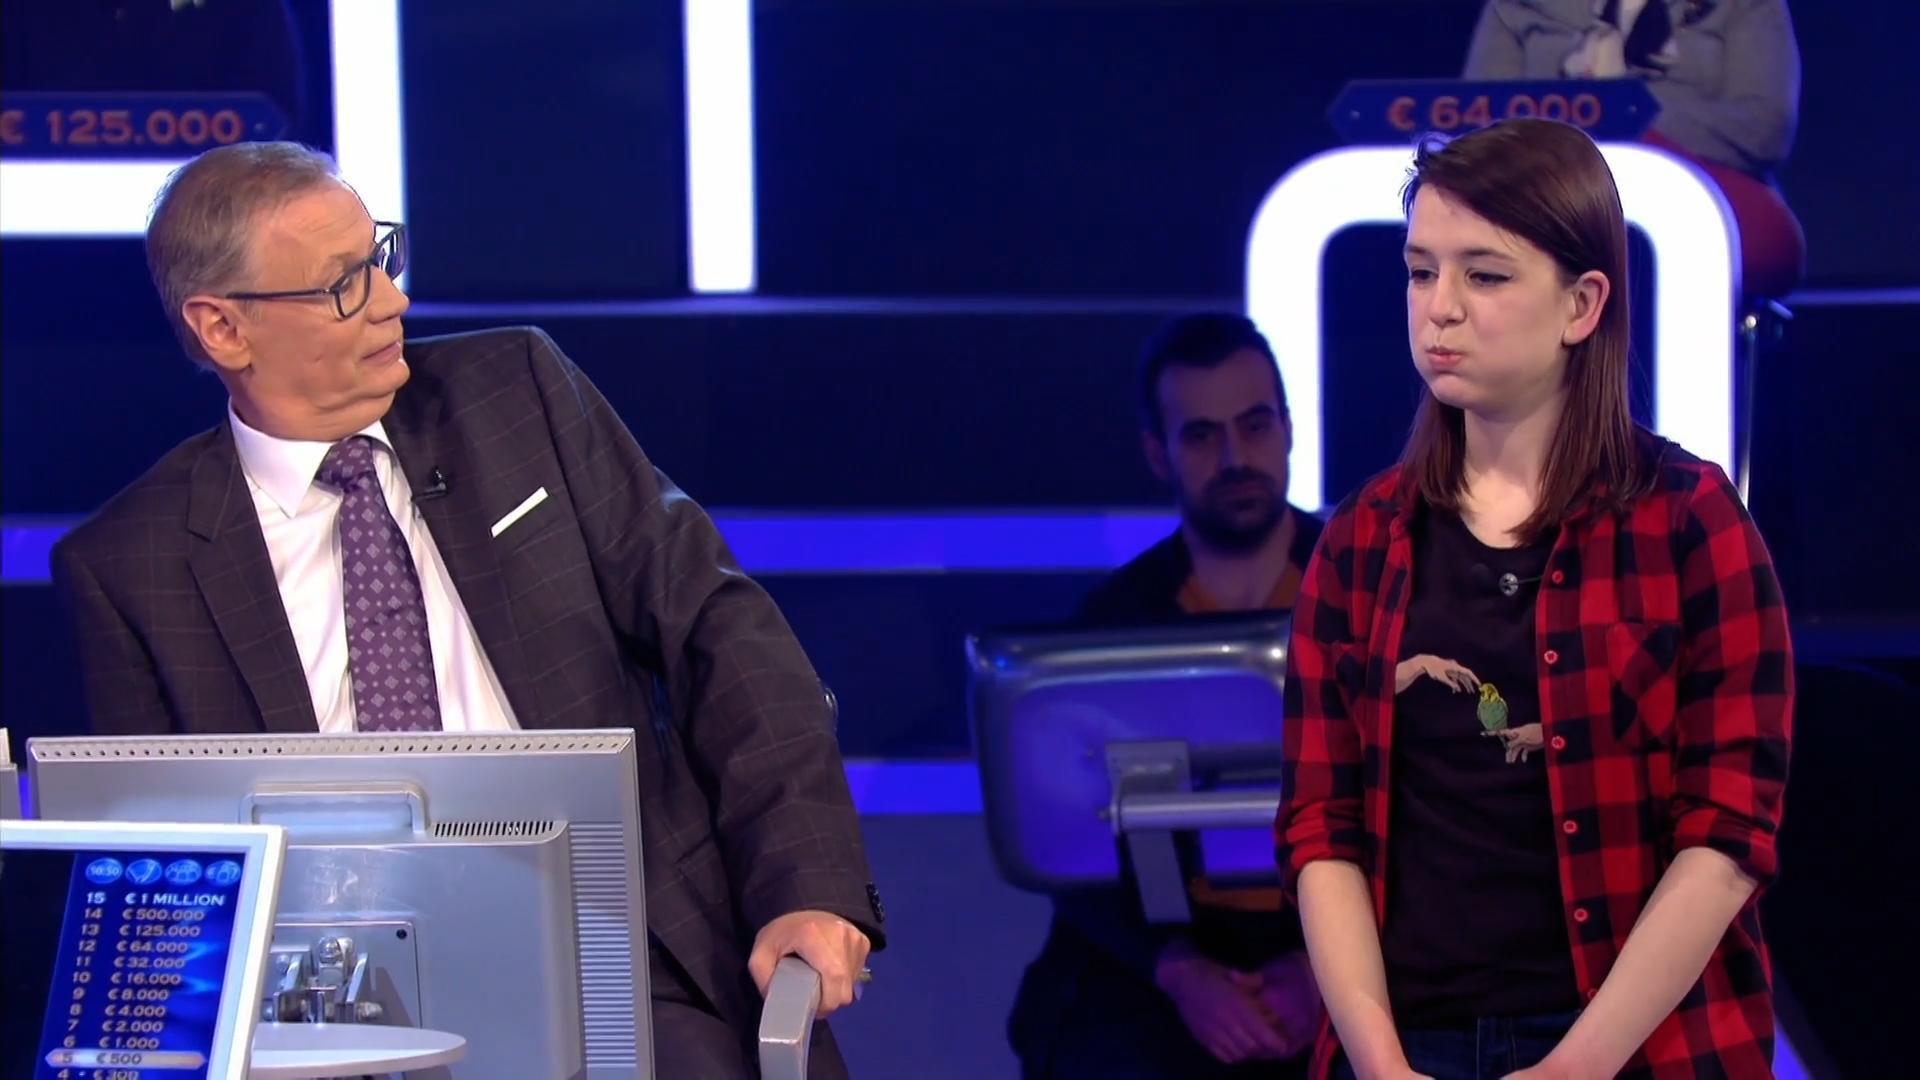 Wer wird Millionär?: Deshalb verschenkte Günther Jauch die 300-Euro-Frage - RTL Online